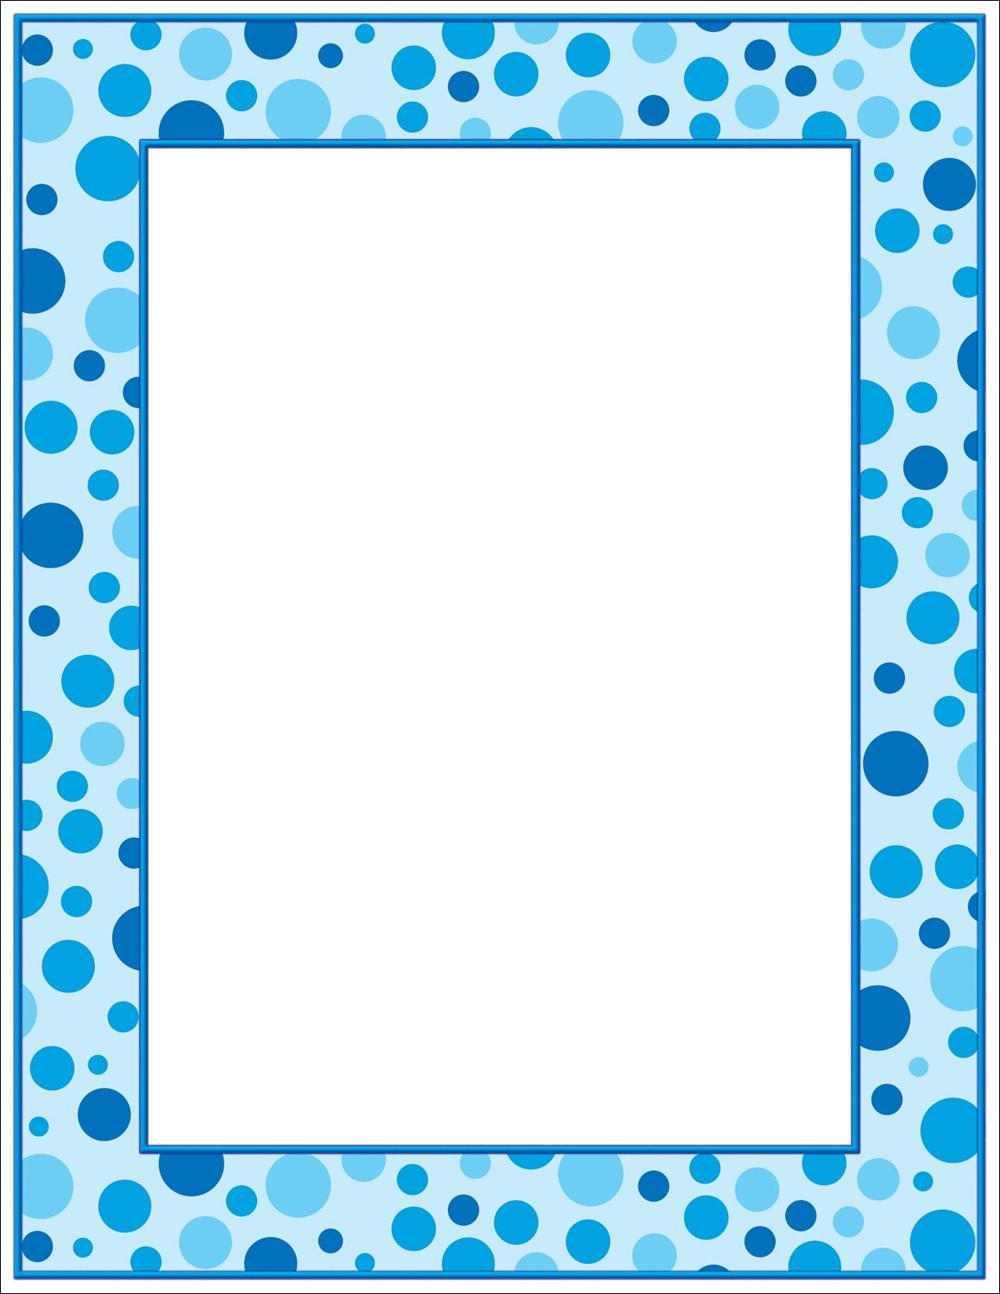 """Quick View - SLH797 - """"Blue Polka Dots Letterhead"""""""